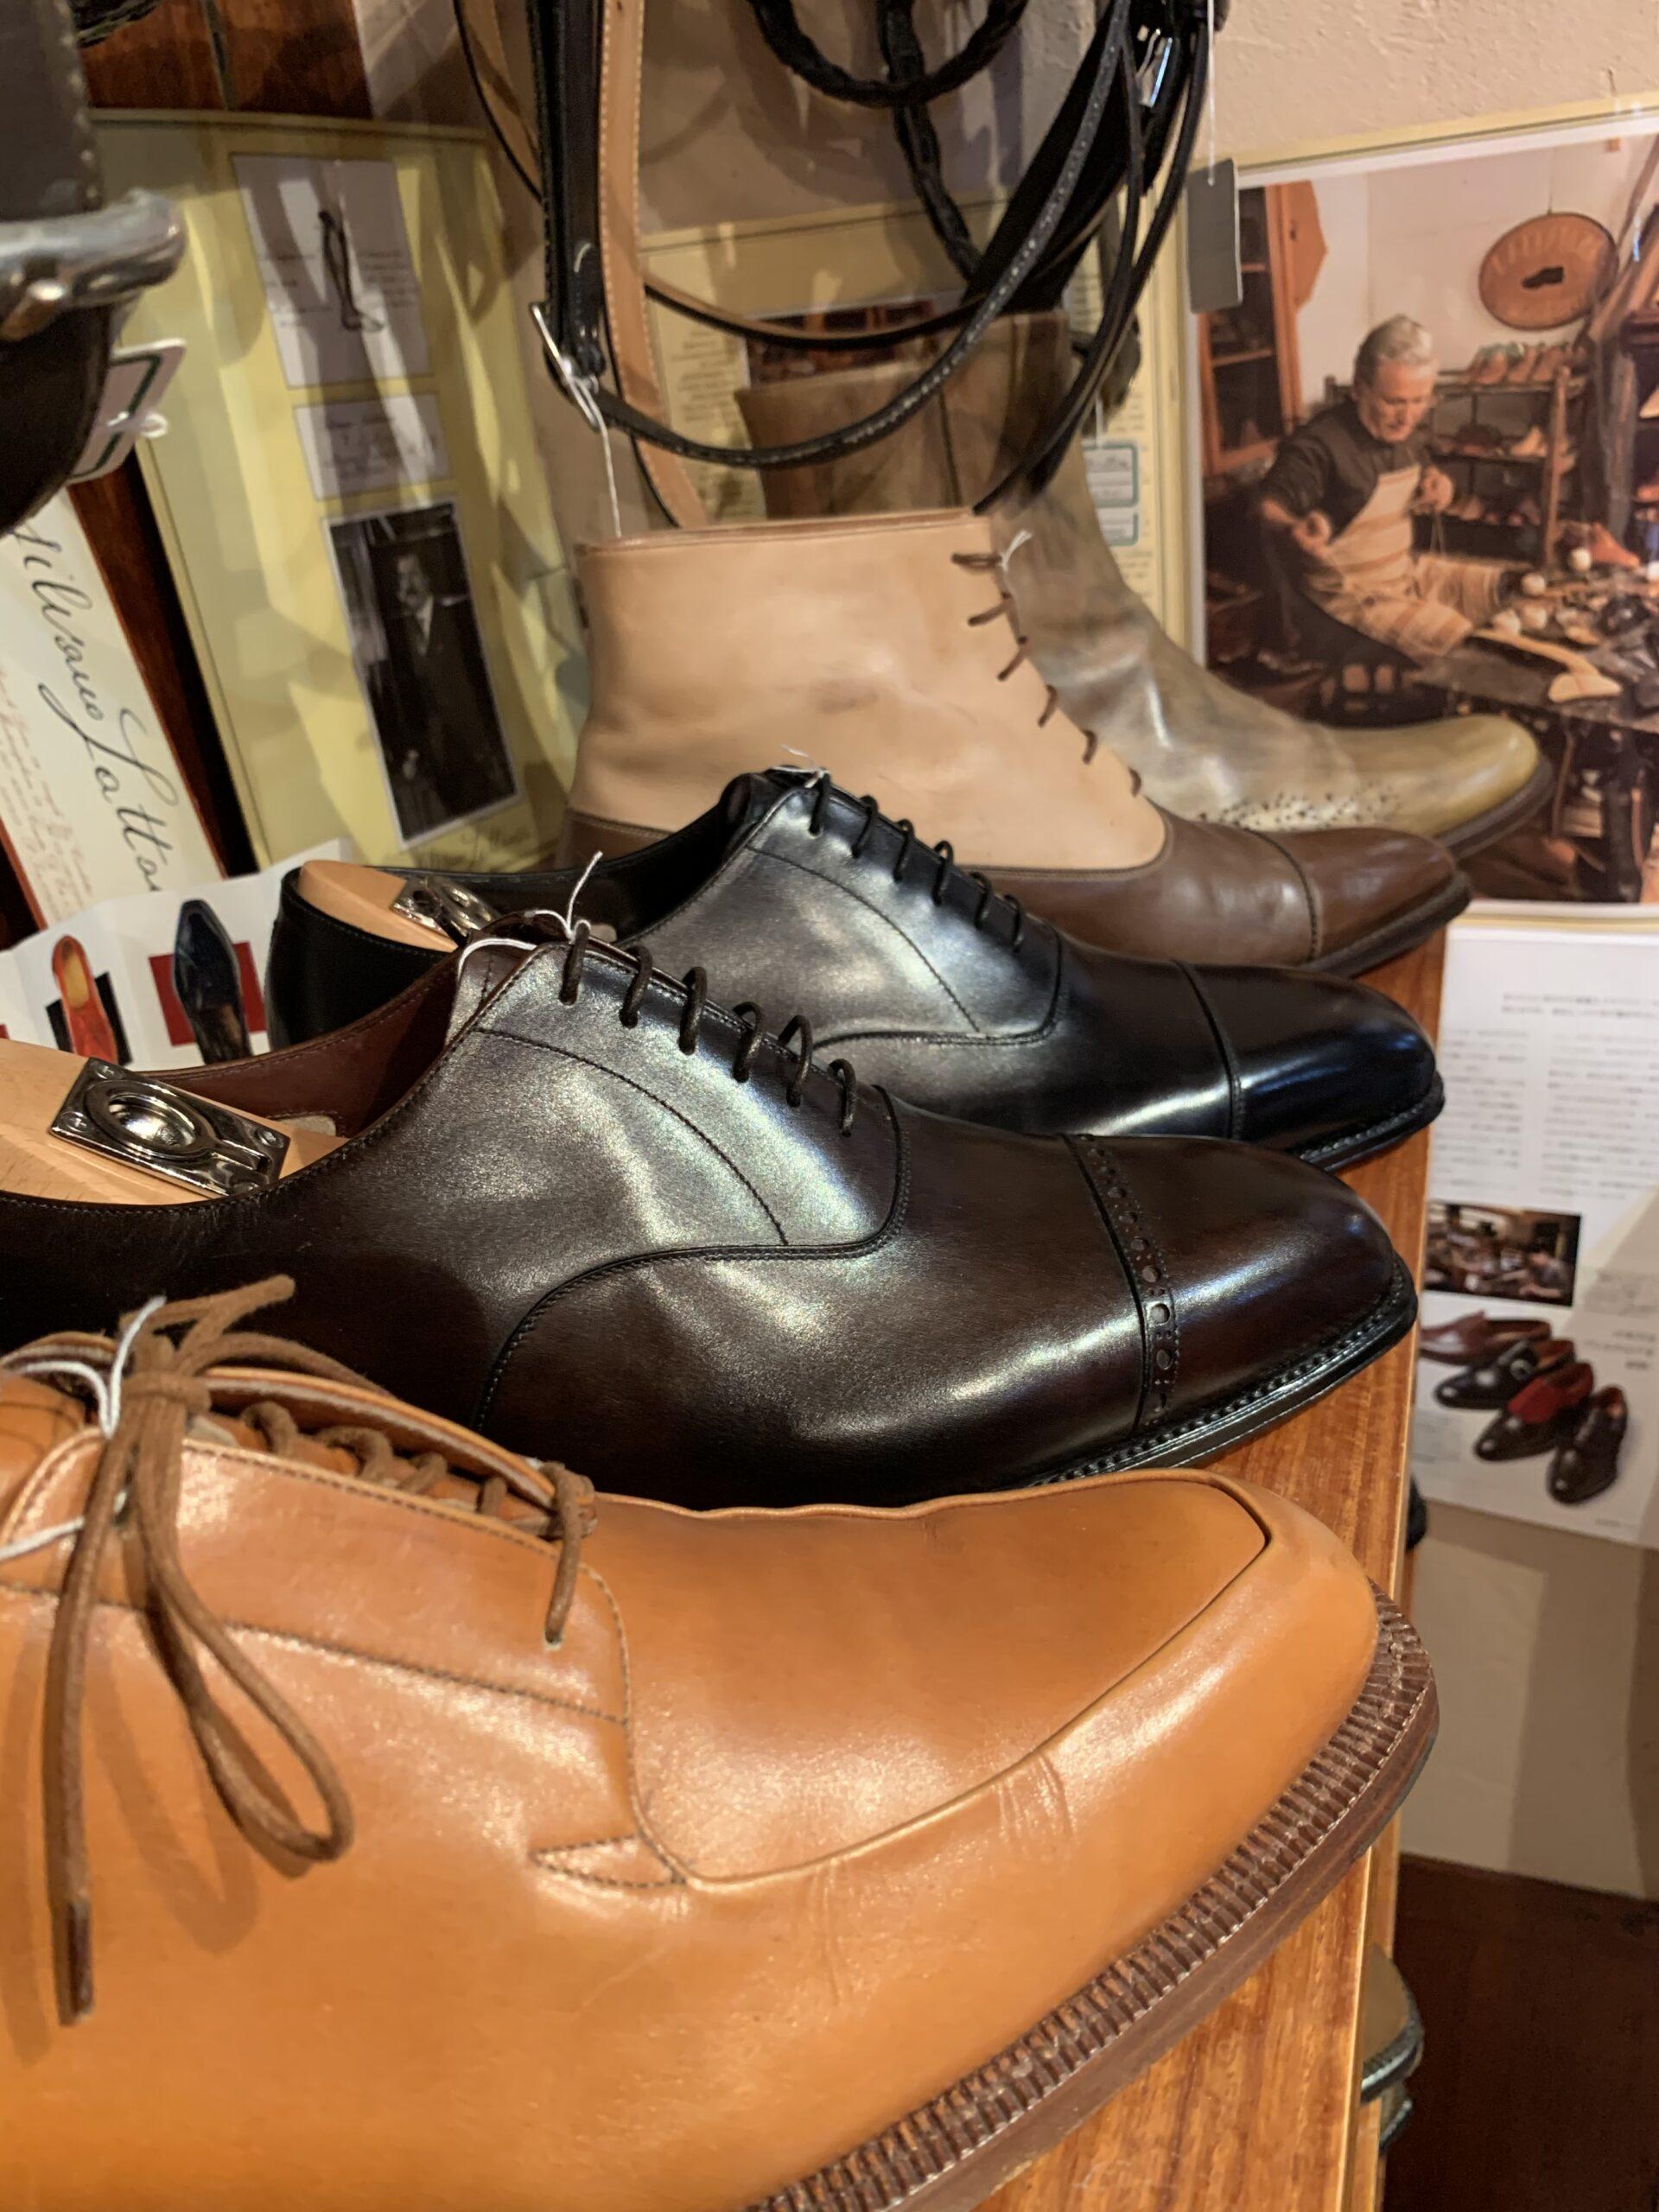 正統な紳士靴を嗜むvol.49〜最高峰イタリア既成靴ジンターラ